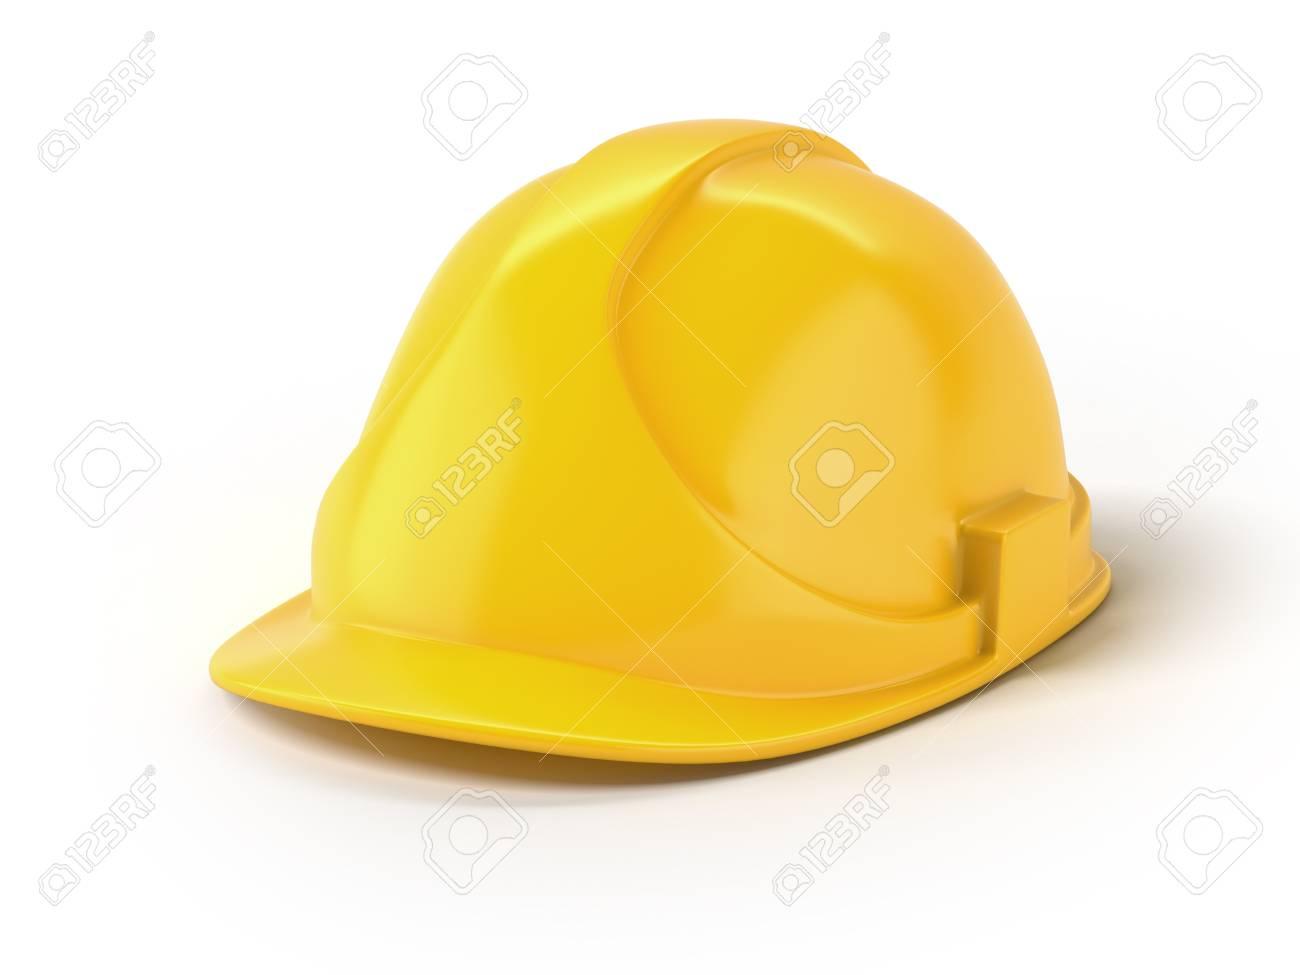 Yellow helmet Stock Photo - 16633323